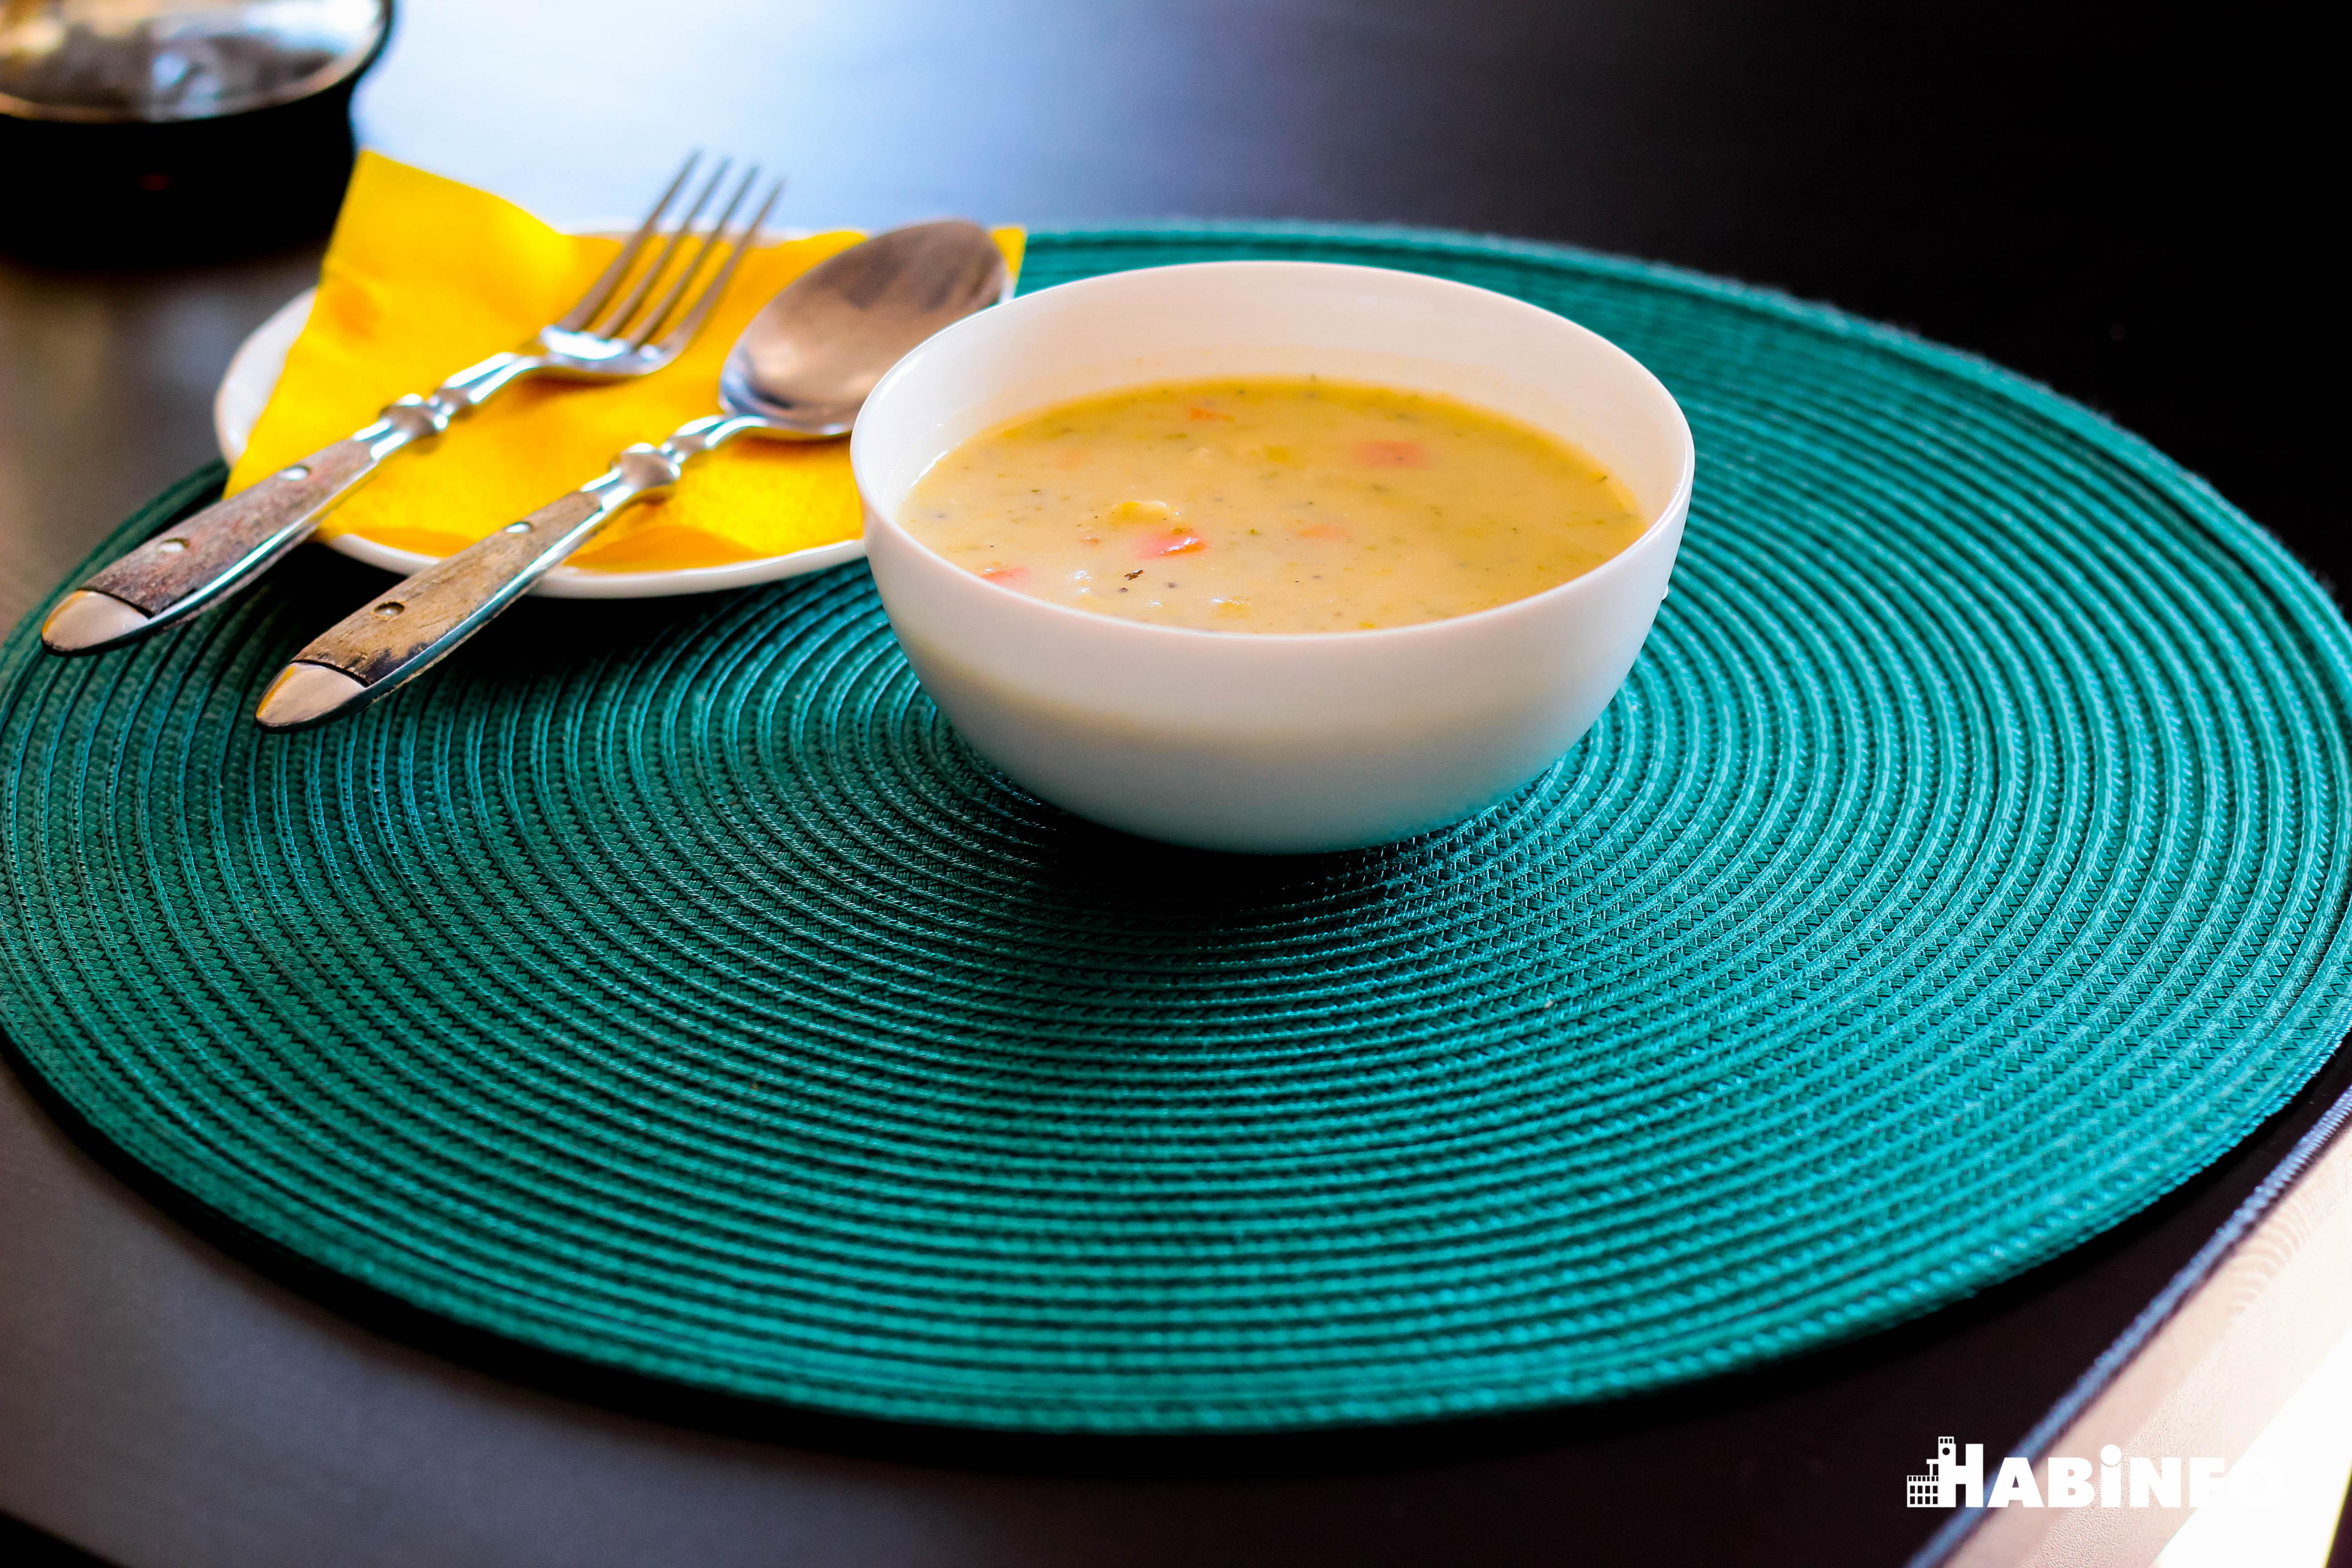 Новинка в Хабаровске - фалафель в вегетарианском кафе (ФОТОРЕПОРТАЖ)